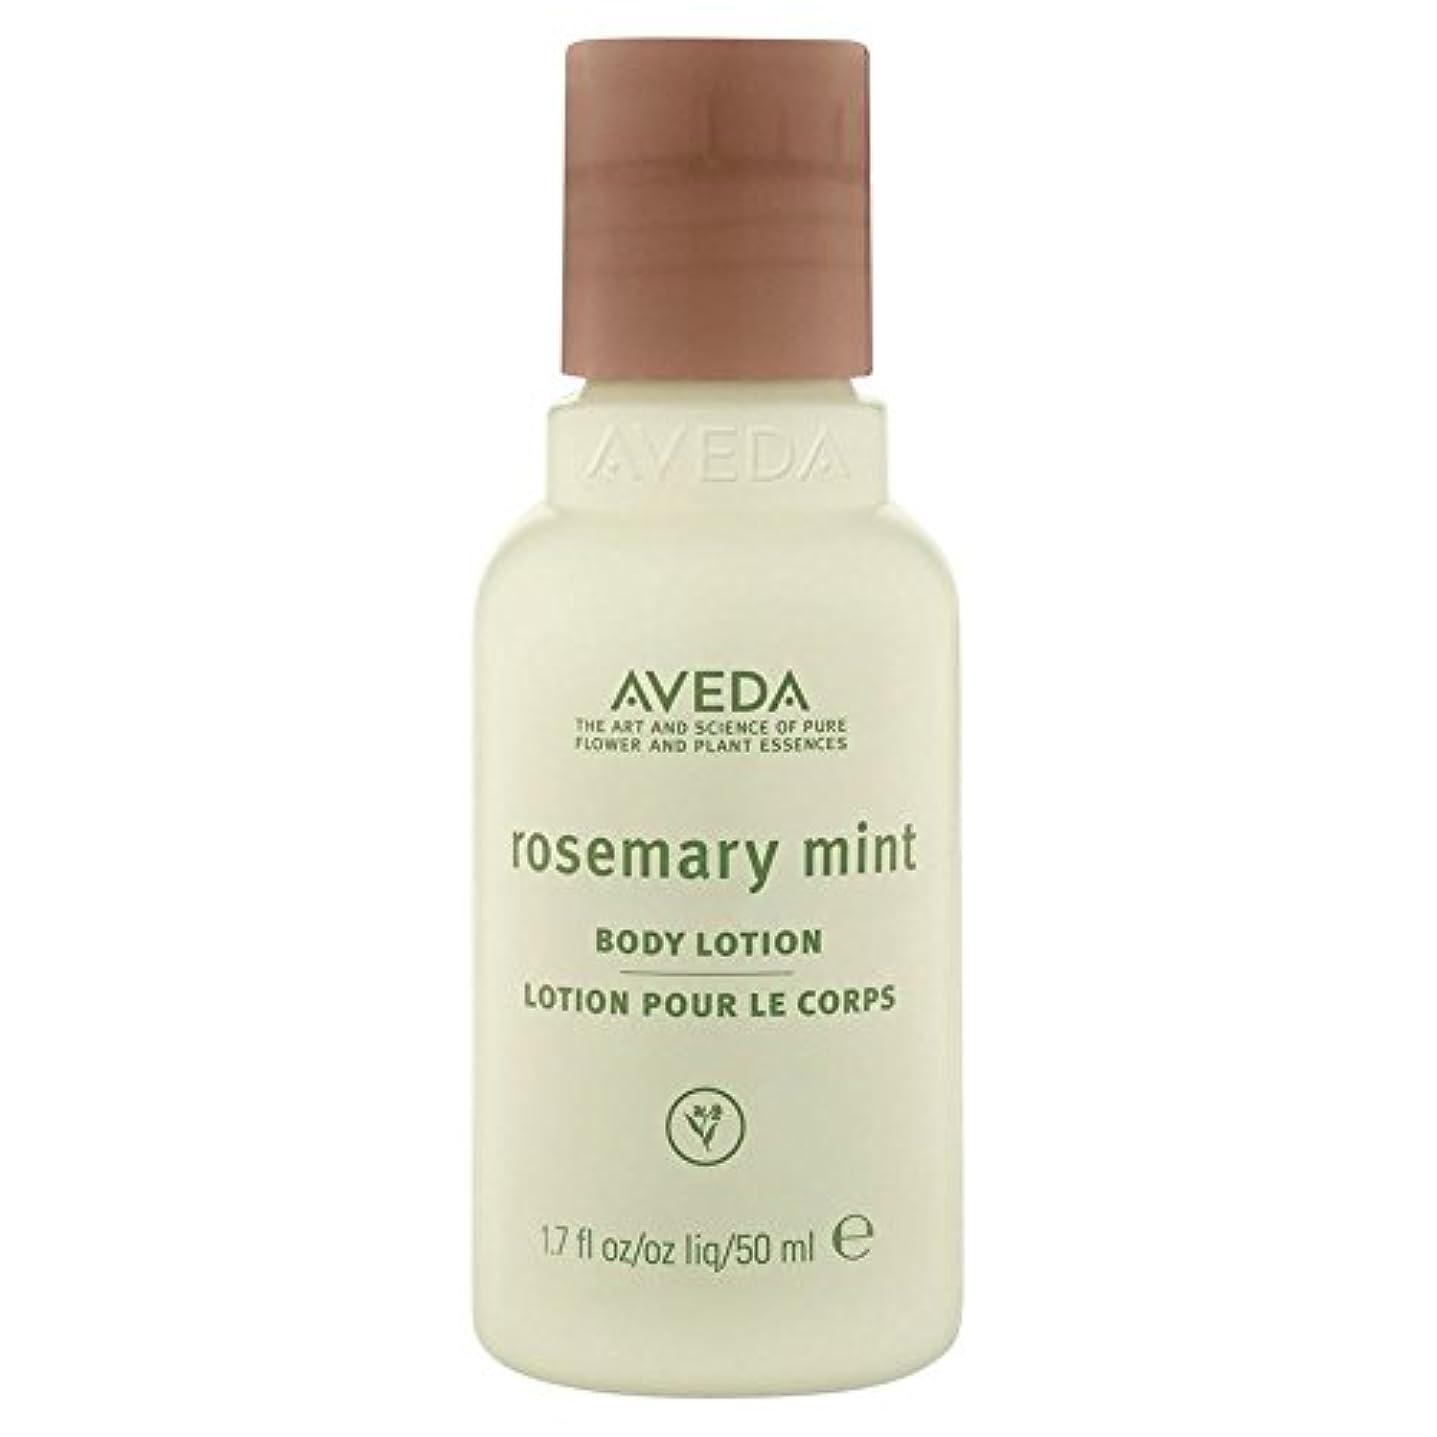 重大増加する不安定[AVEDA ] アヴェダローズマリーミントボディローション50ミリリットル - AVEDA Rosemary Mint Body Lotion 50ml [並行輸入品]